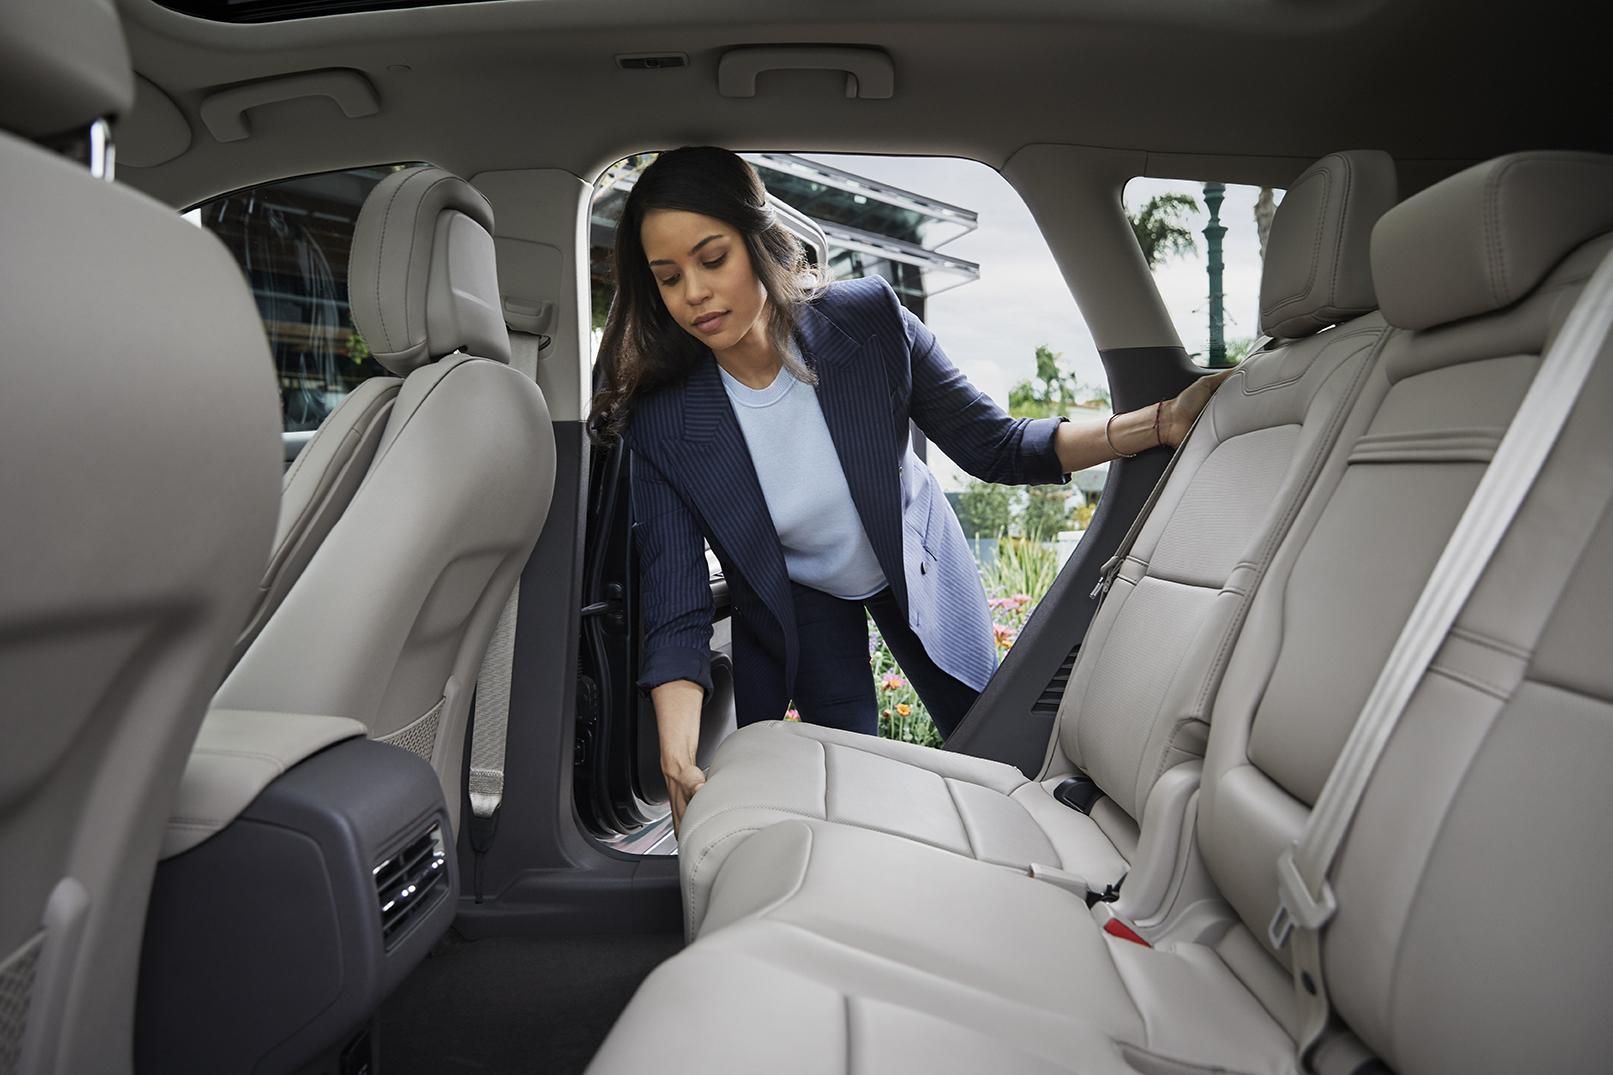 2020 Lincoln Corsair rear seat